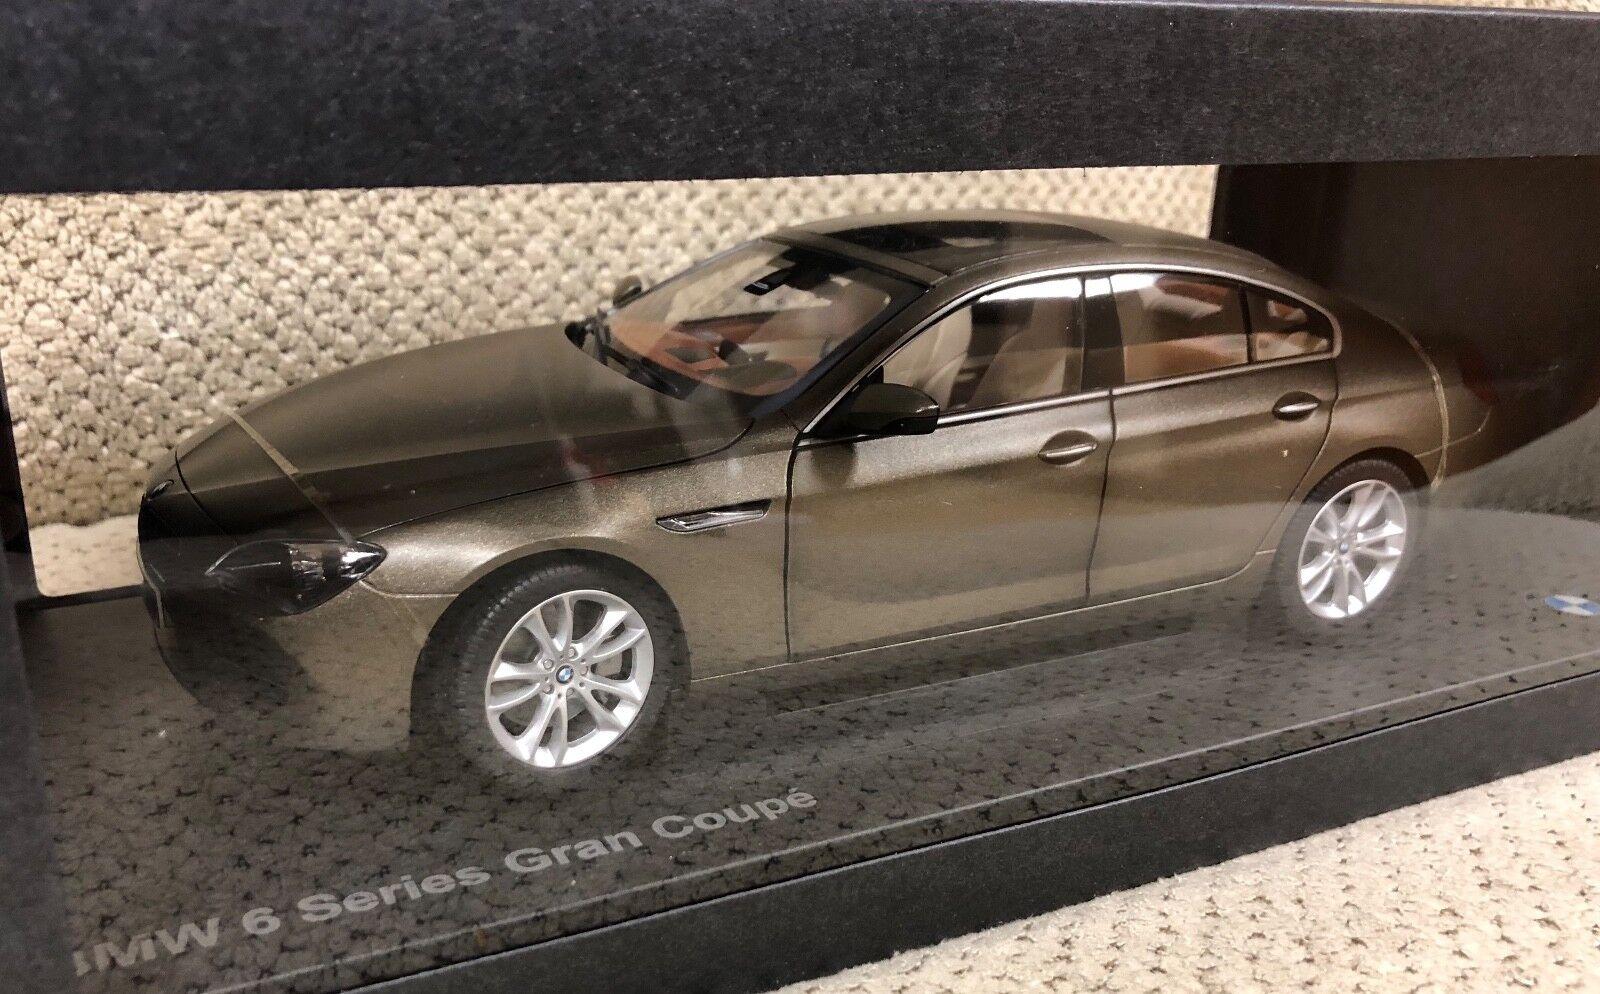 Bmw 6er gran coupé druckguss 18 bronze 650i eingefroren